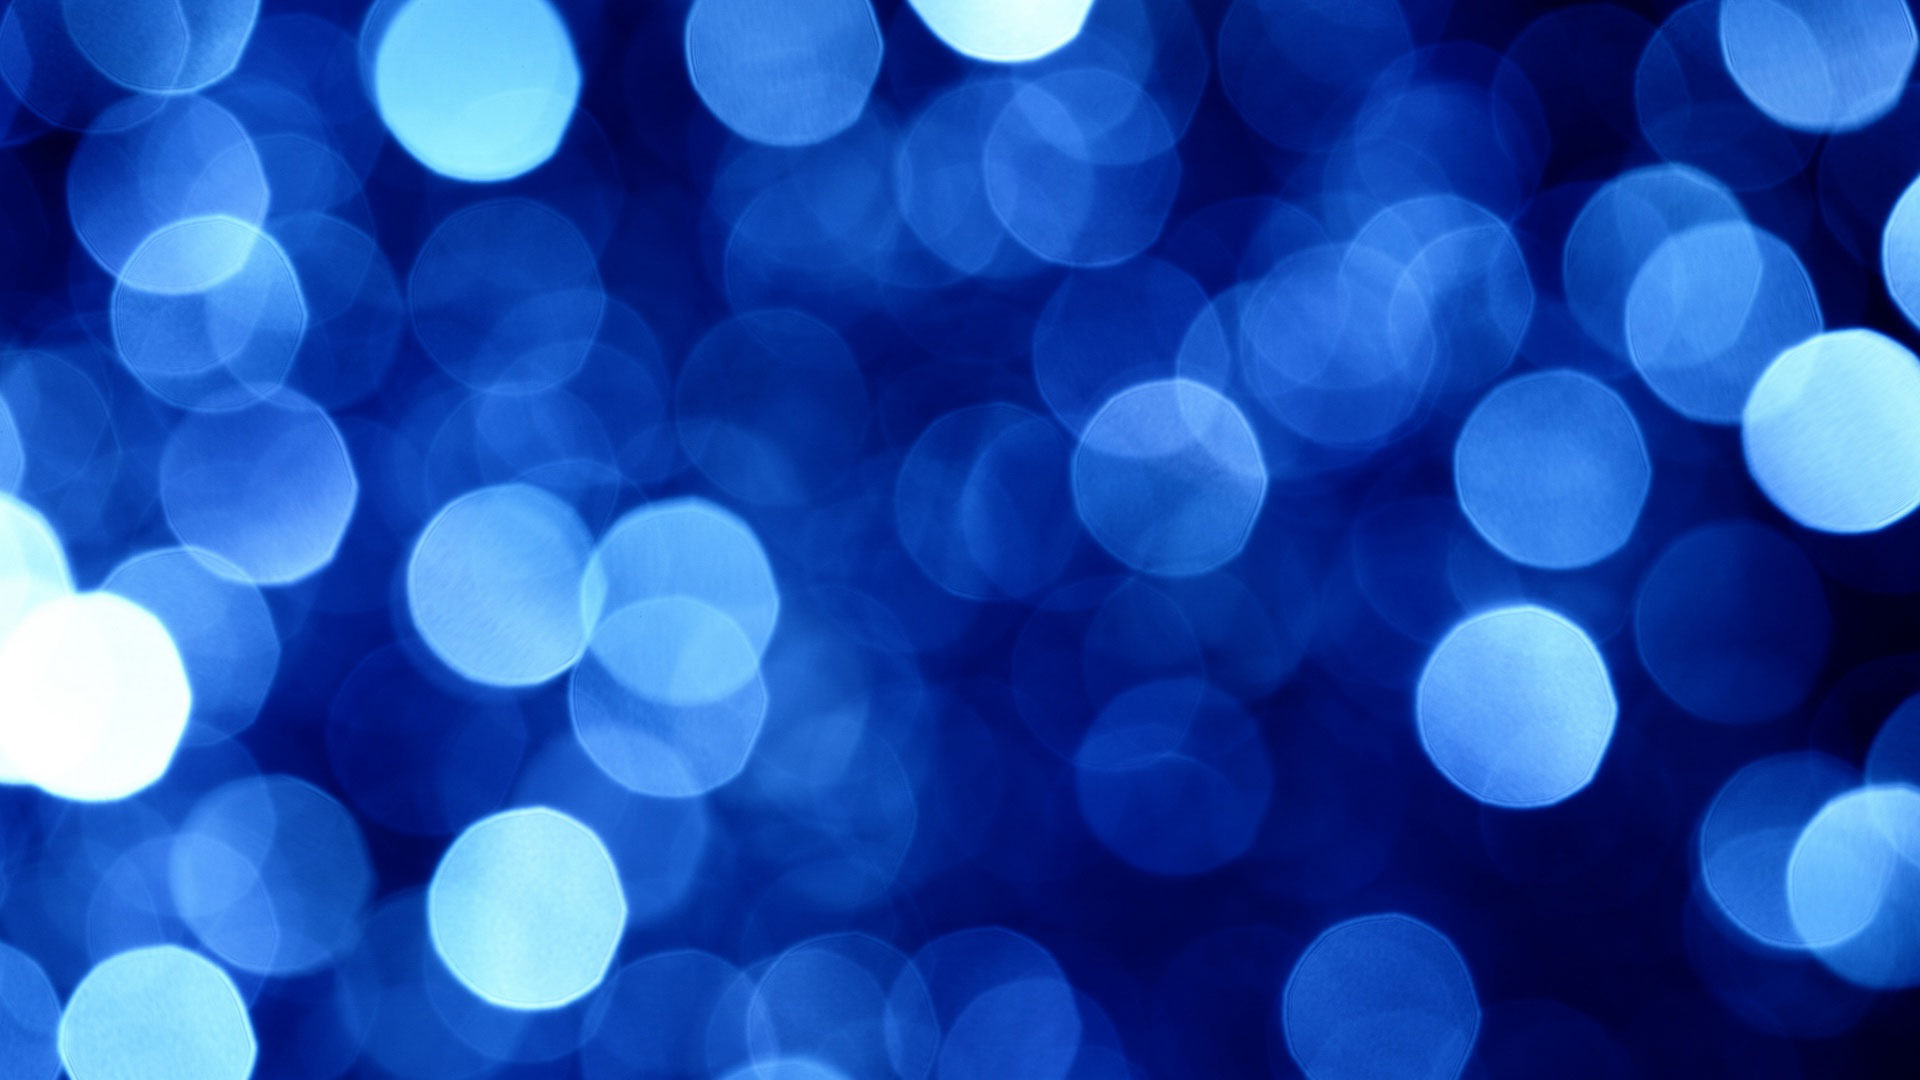 Картинки синие звезды - 5b